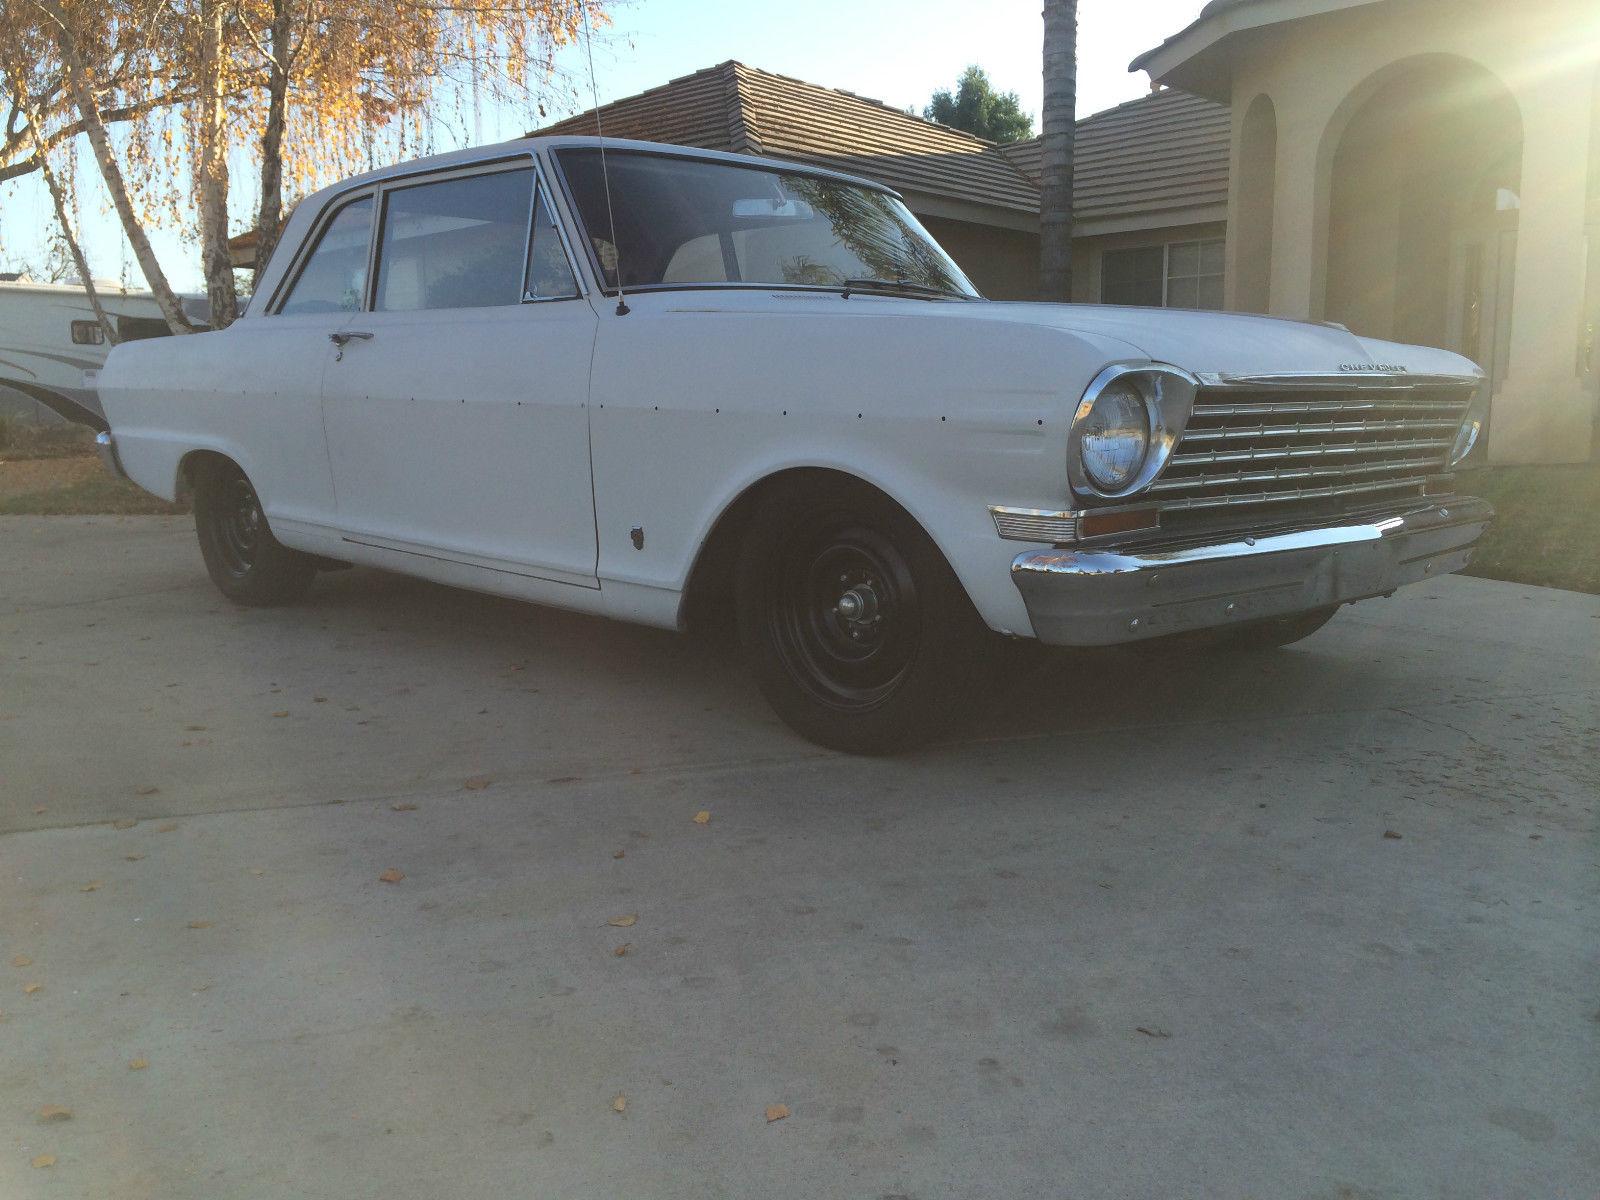 1962 Chevrolet Nova Chevy Ii 300 2door Sedan